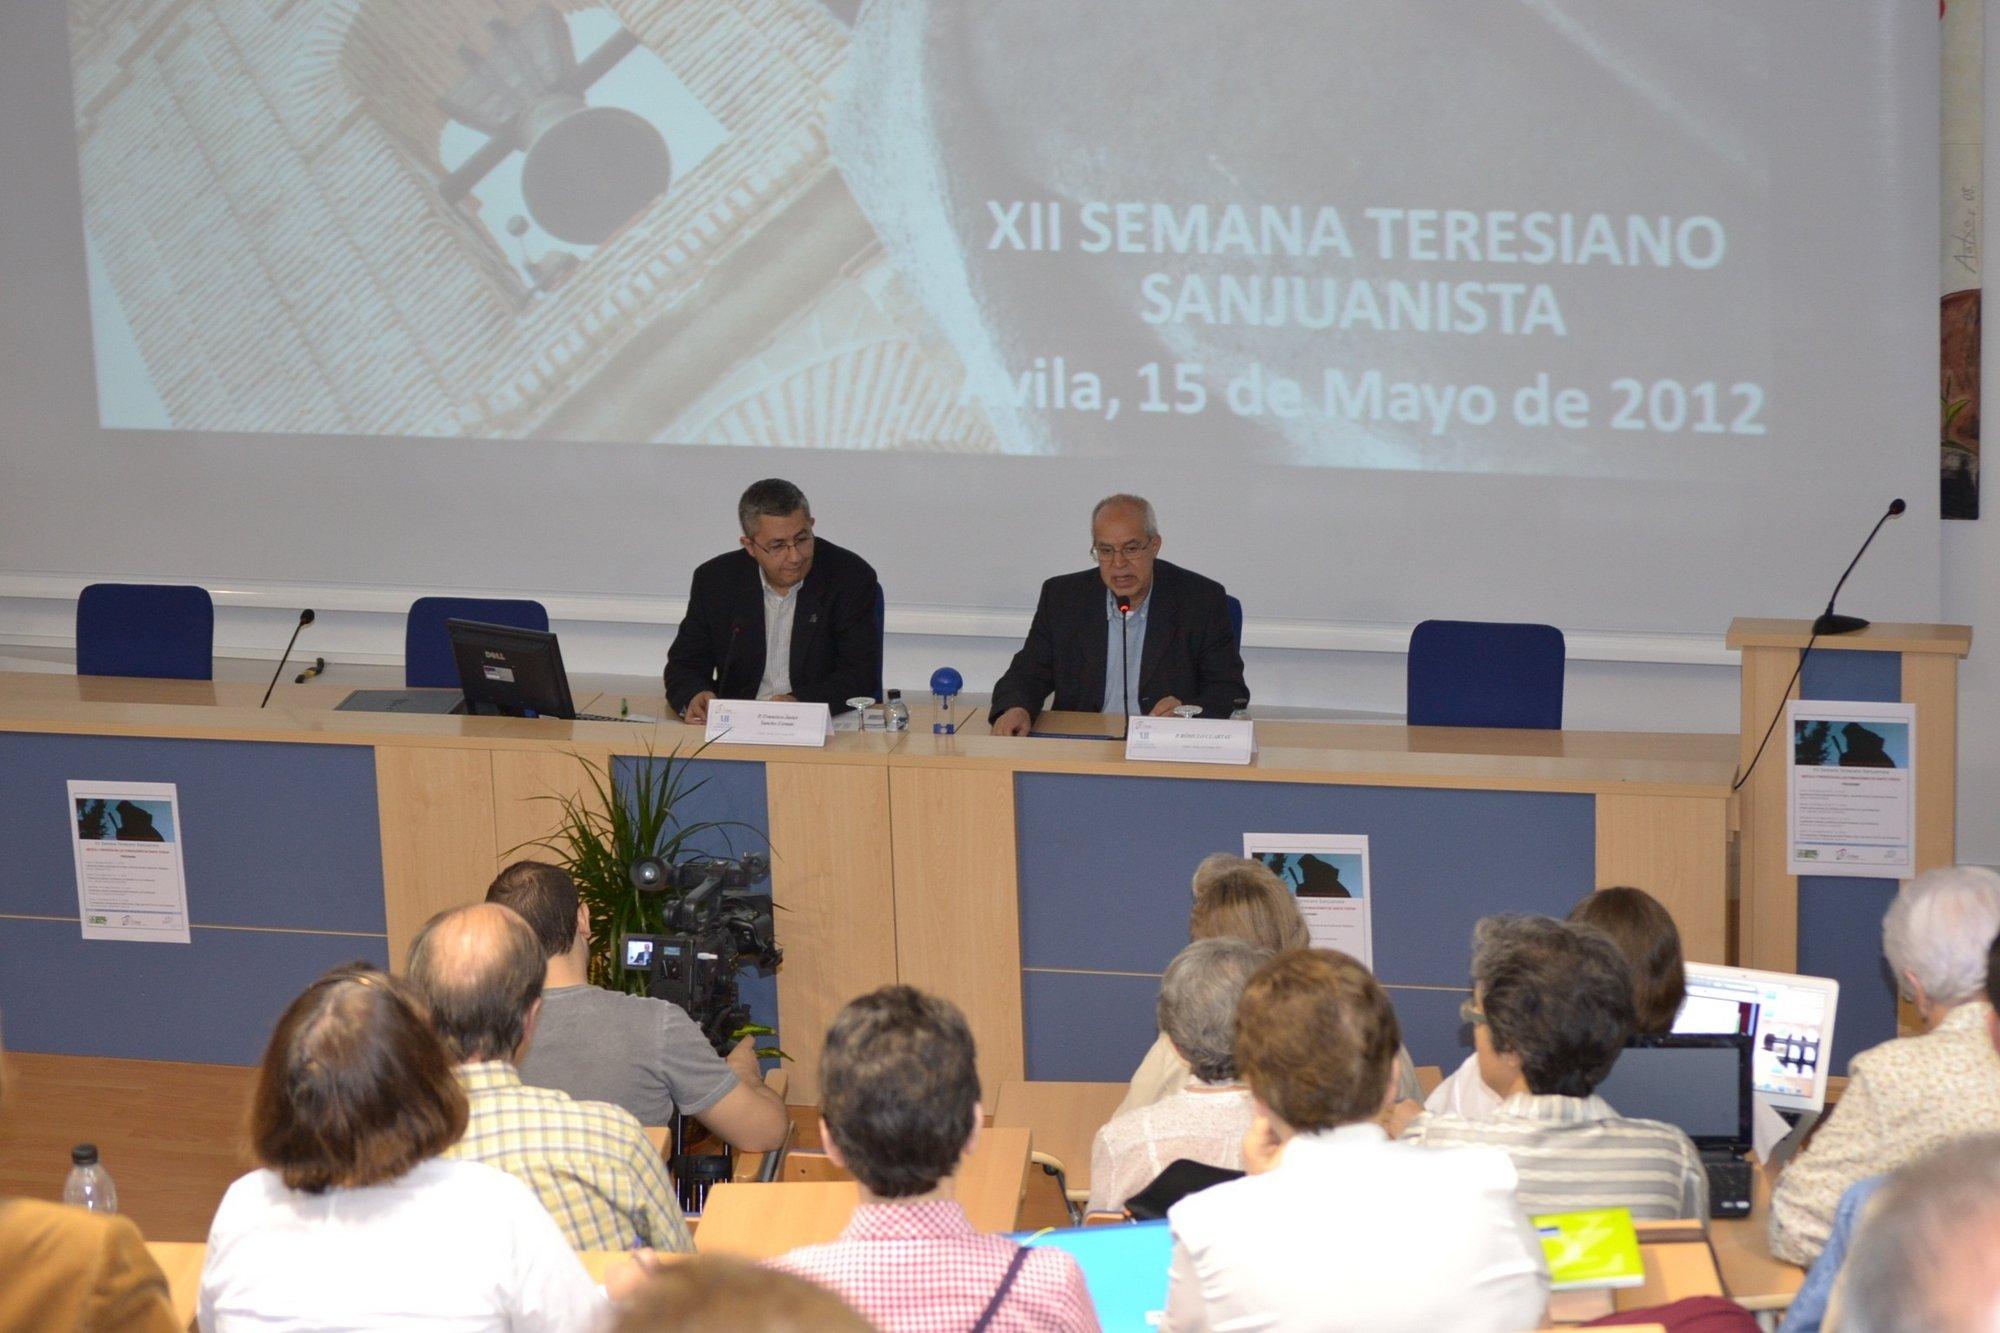 La Semana Teresiano Sanjuanista es seguida por Internet desde más de 30 países